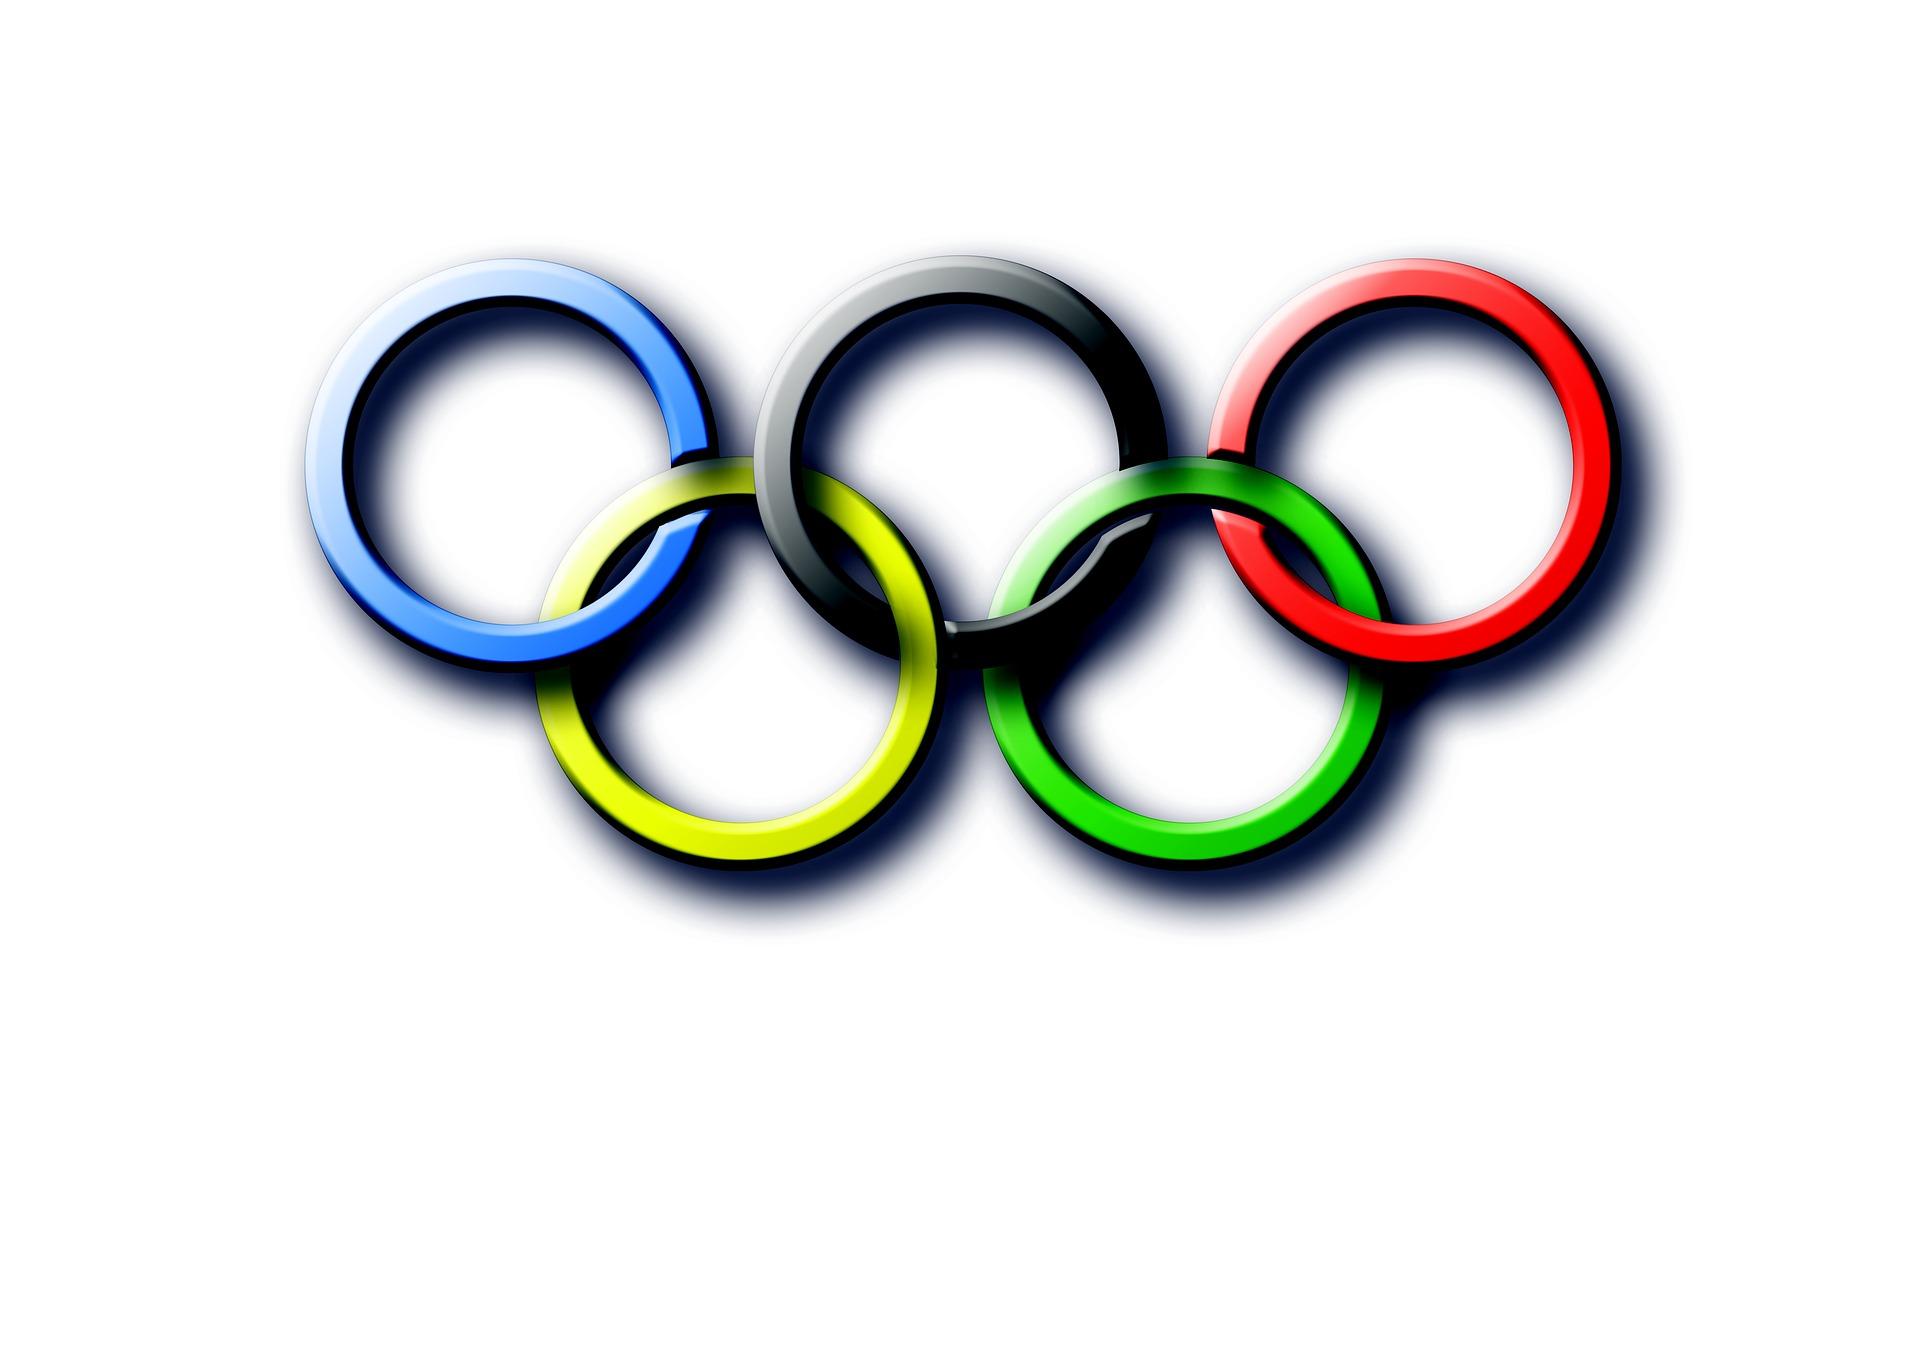 東京五輪ボランティア募集なぜ有償にしない?リオ五輪との違いを比較!